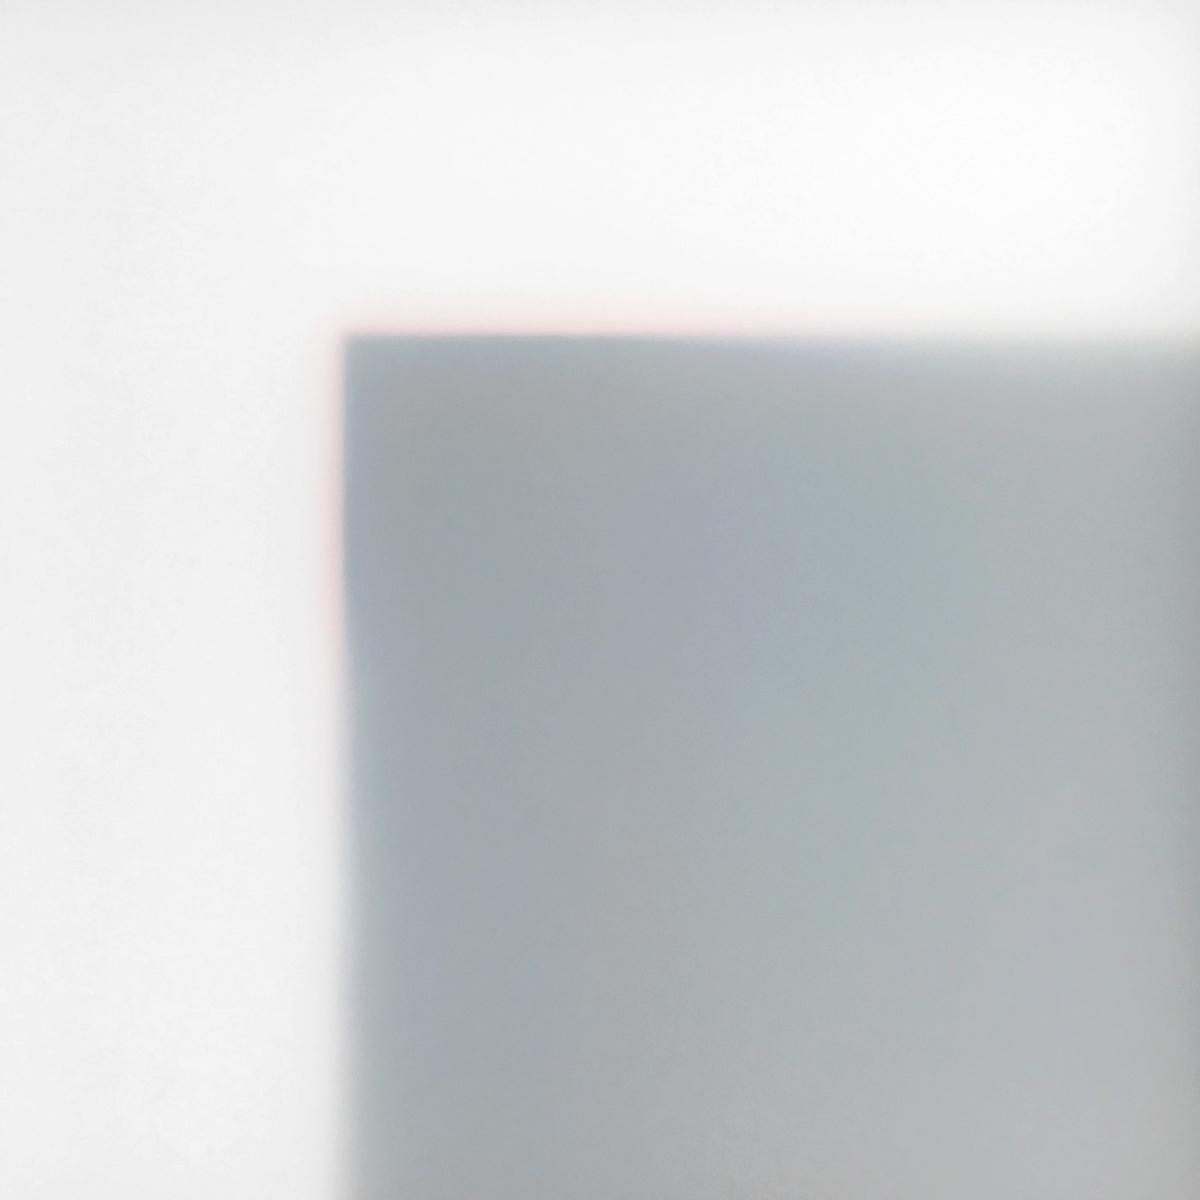 Badischer Kunstverein | Jahresausstellung 2019